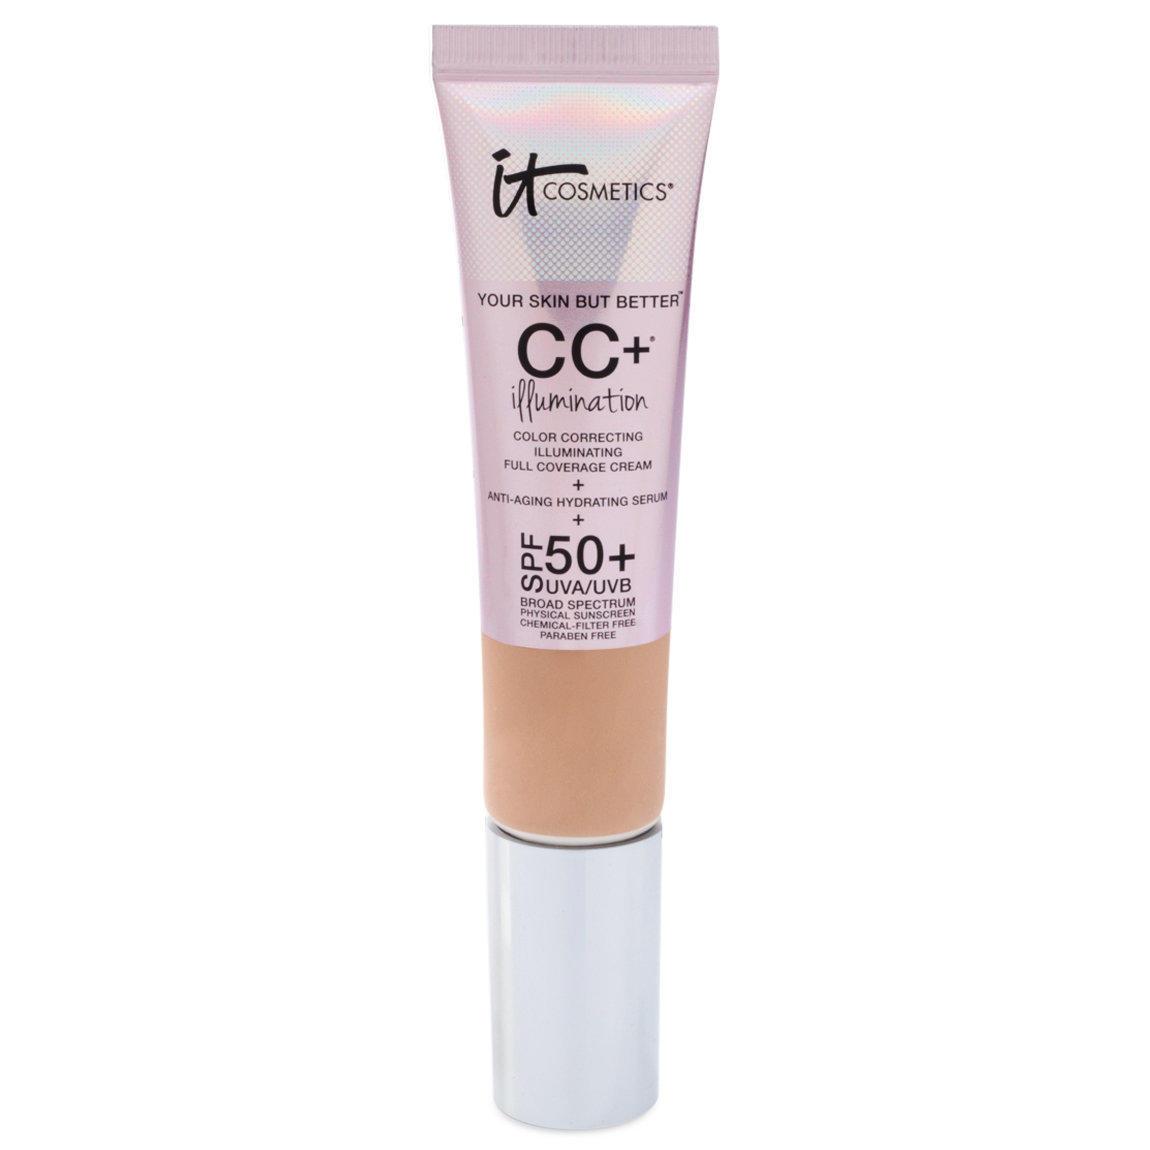 IT Cosmetics CC+ Illumination Color Correcting Full Coverage Cream Medium